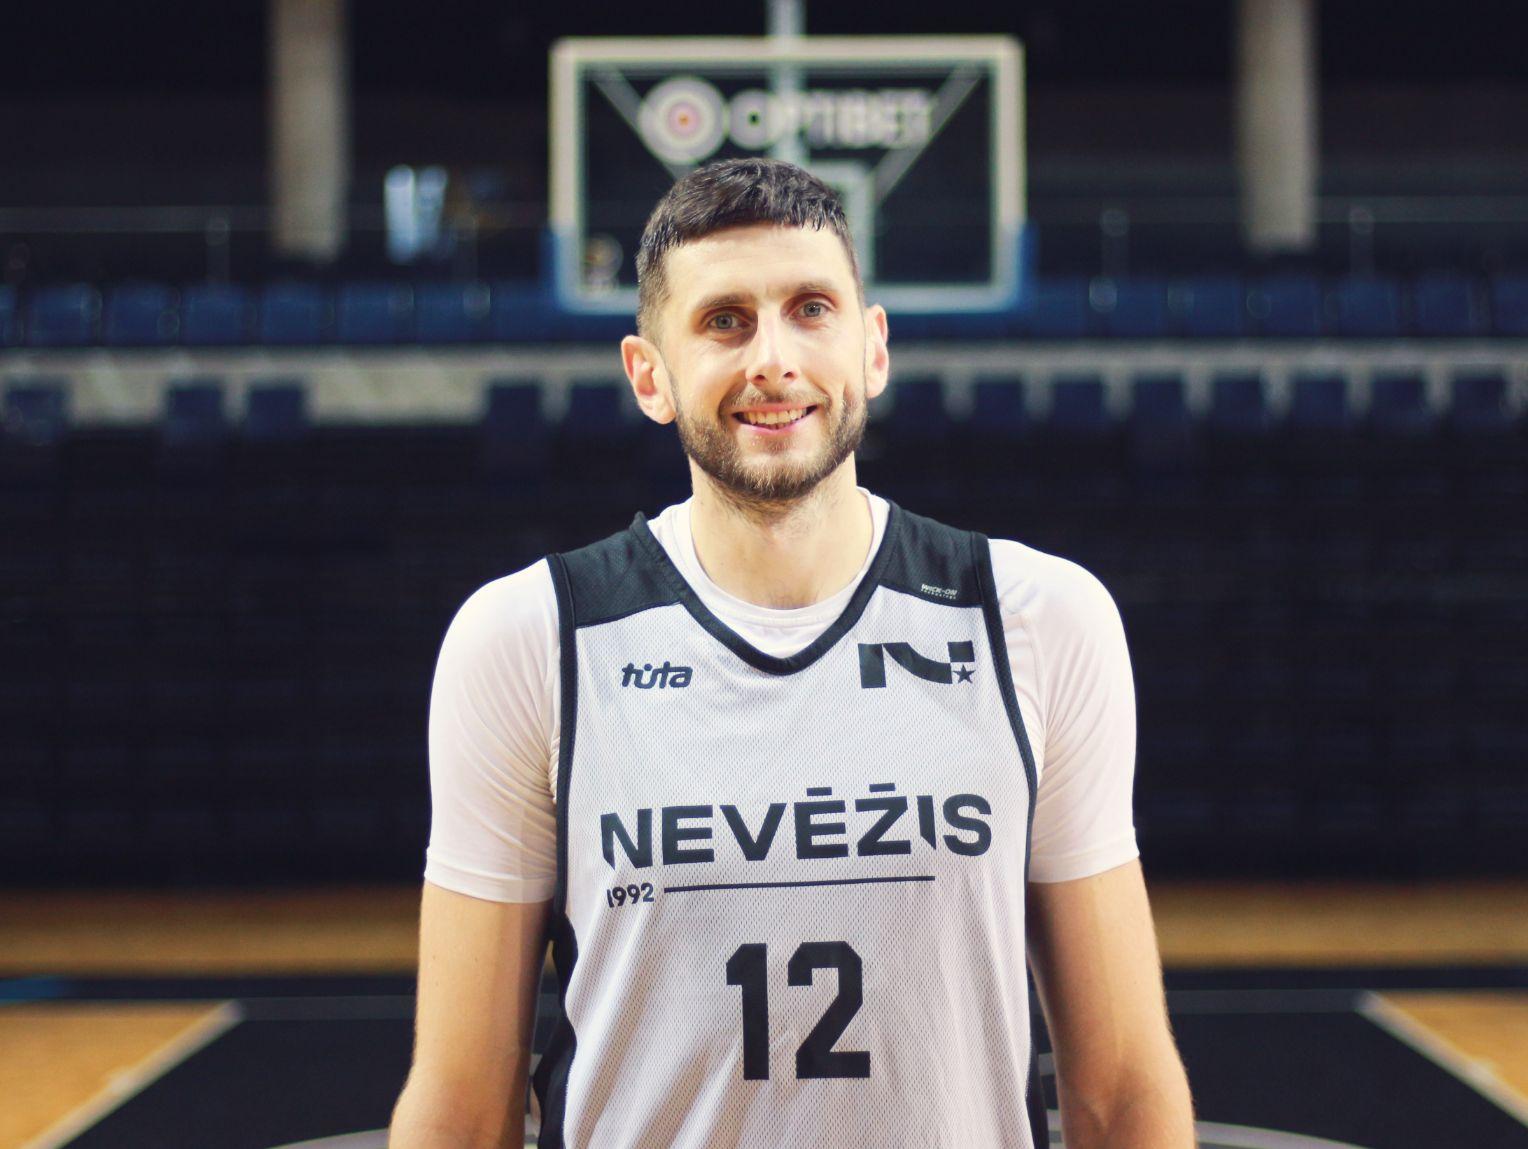 Ignas Lukošius sako, kad galimybė dirbti nuotoliniu būdu jam leidžia labai gerai suderinti dvi karjeras – krepšininko ir programuotojo. Vis dėlto jis svajoja kada nors žaisi vien tik krepšinį.